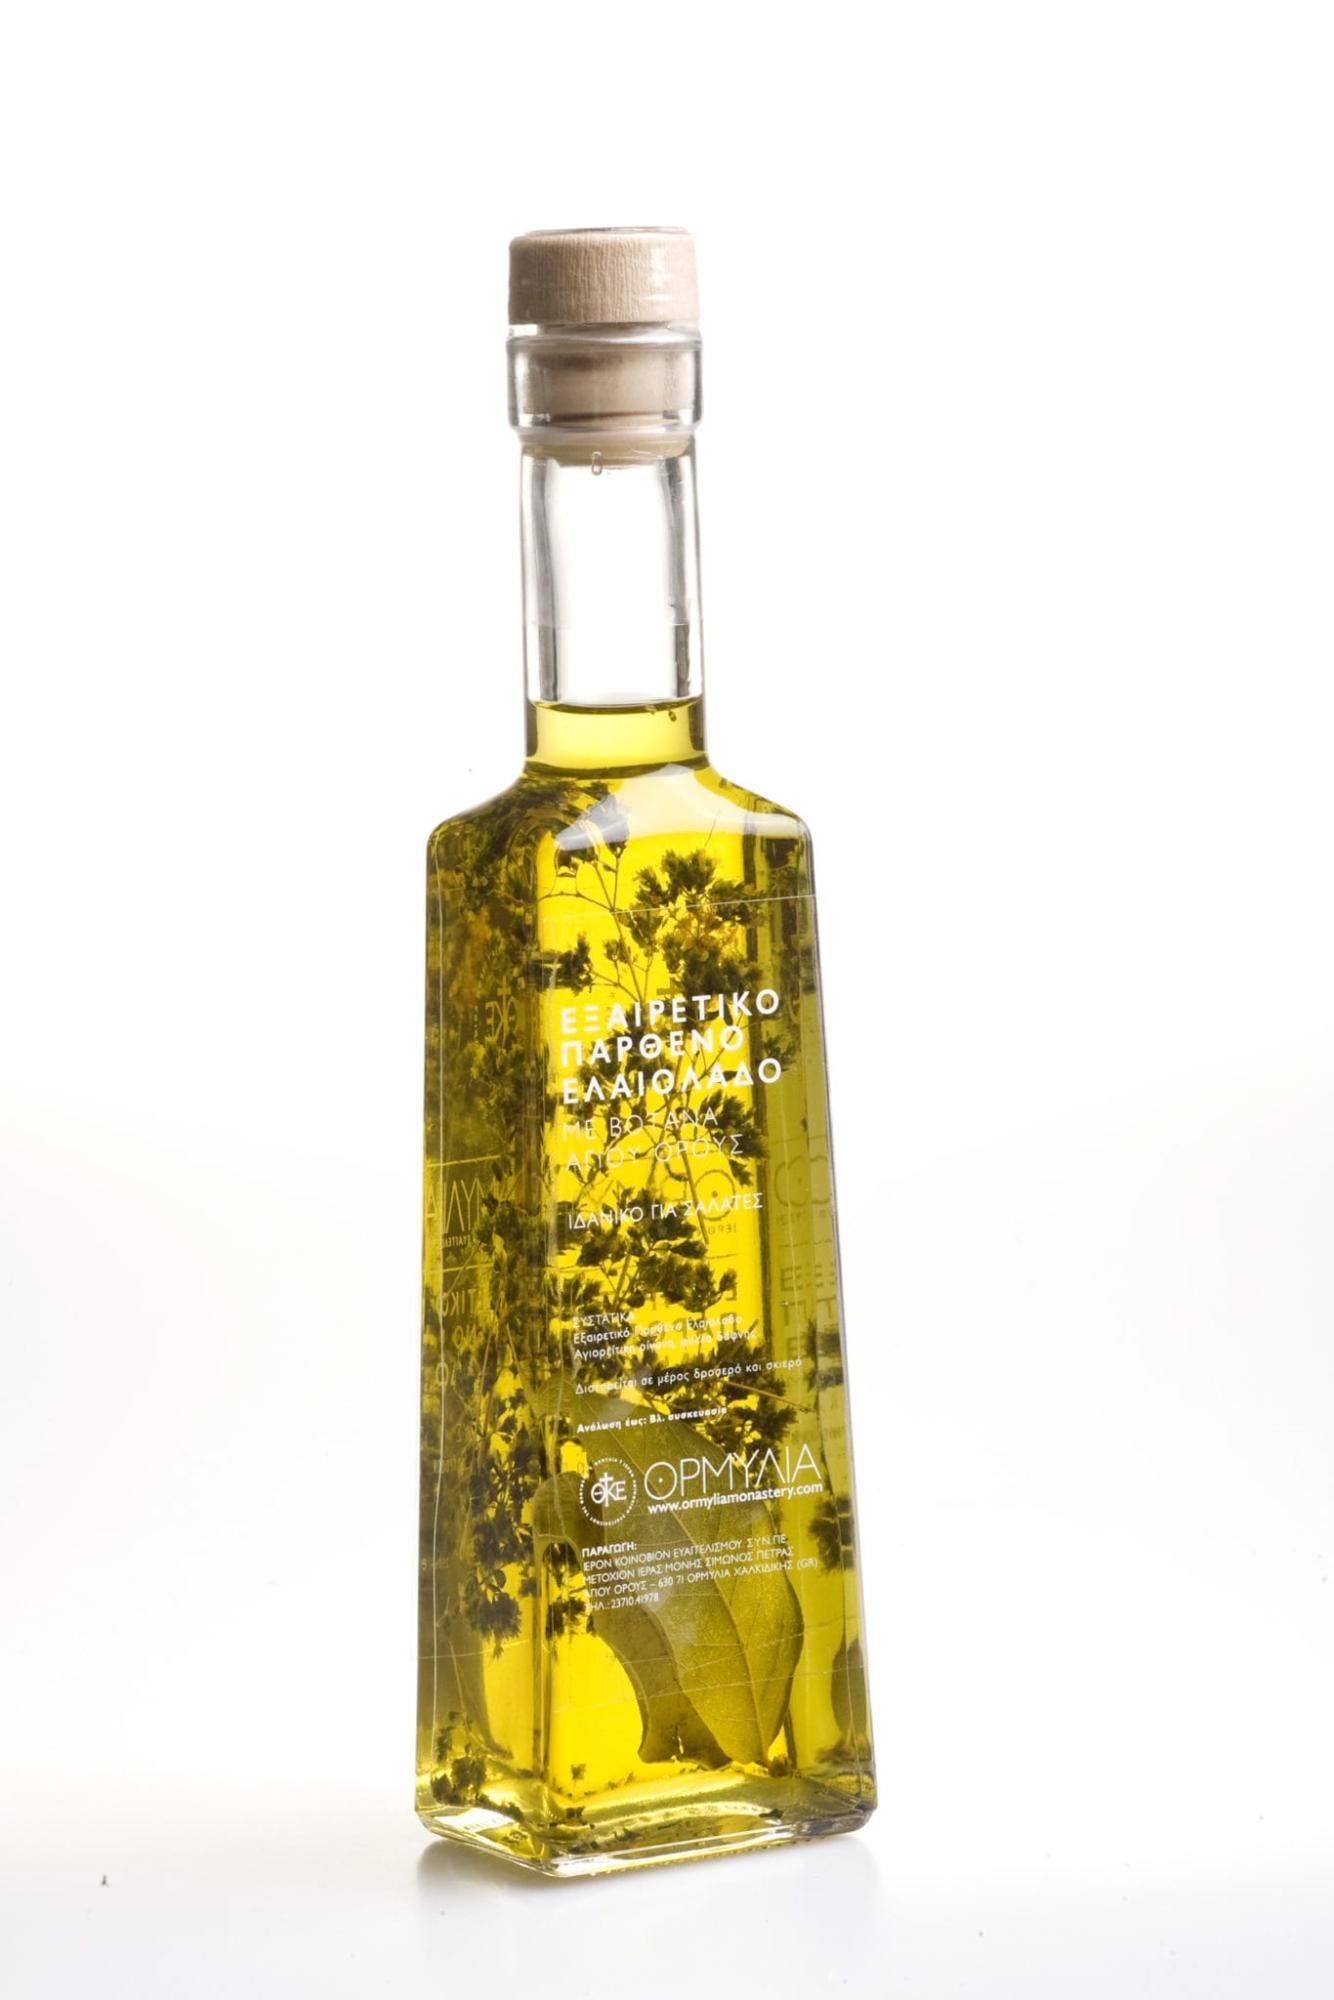 Εξαιρετικό Παρθένο Ελαιόλαδο με Βότανα Αγίου Όρους – Ορμύλια 250ml